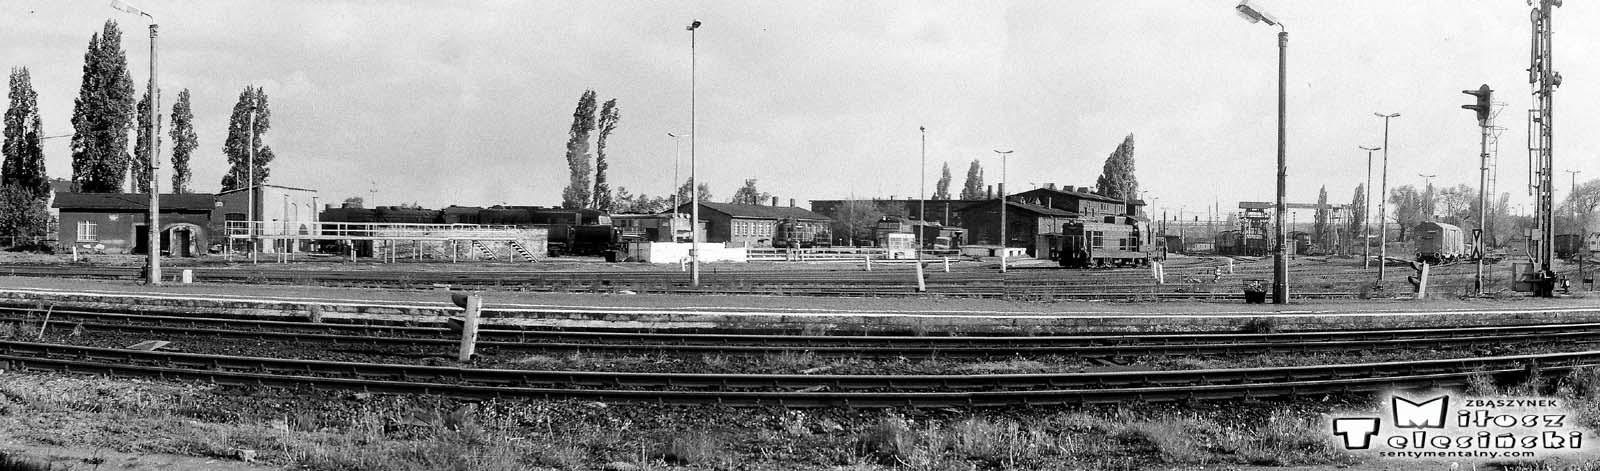 Kostrzyn 03.05.1991.